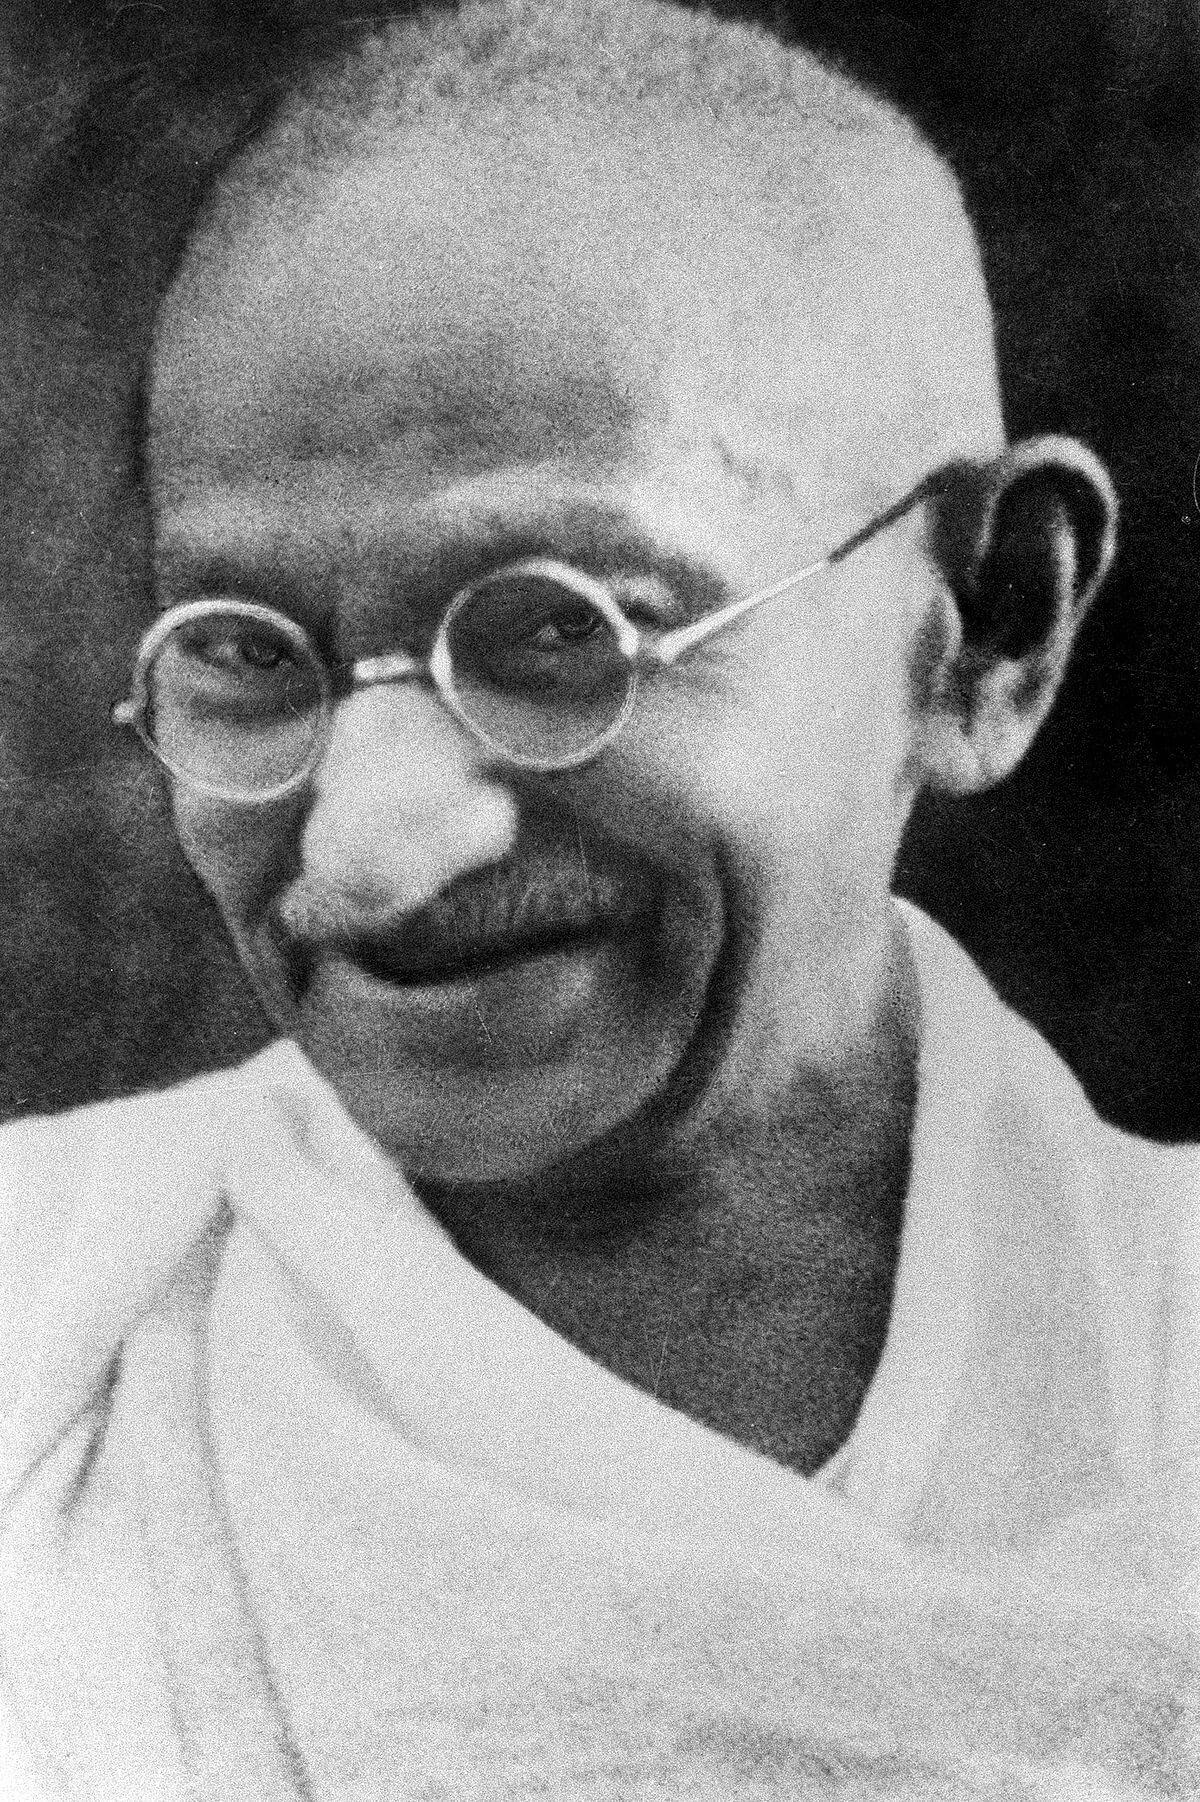 [30.1.] Ubijen Mahatma Gandhi, indijski vođa nacije koji se izborio za nezavisnost Indije putem nenasilne revolucije